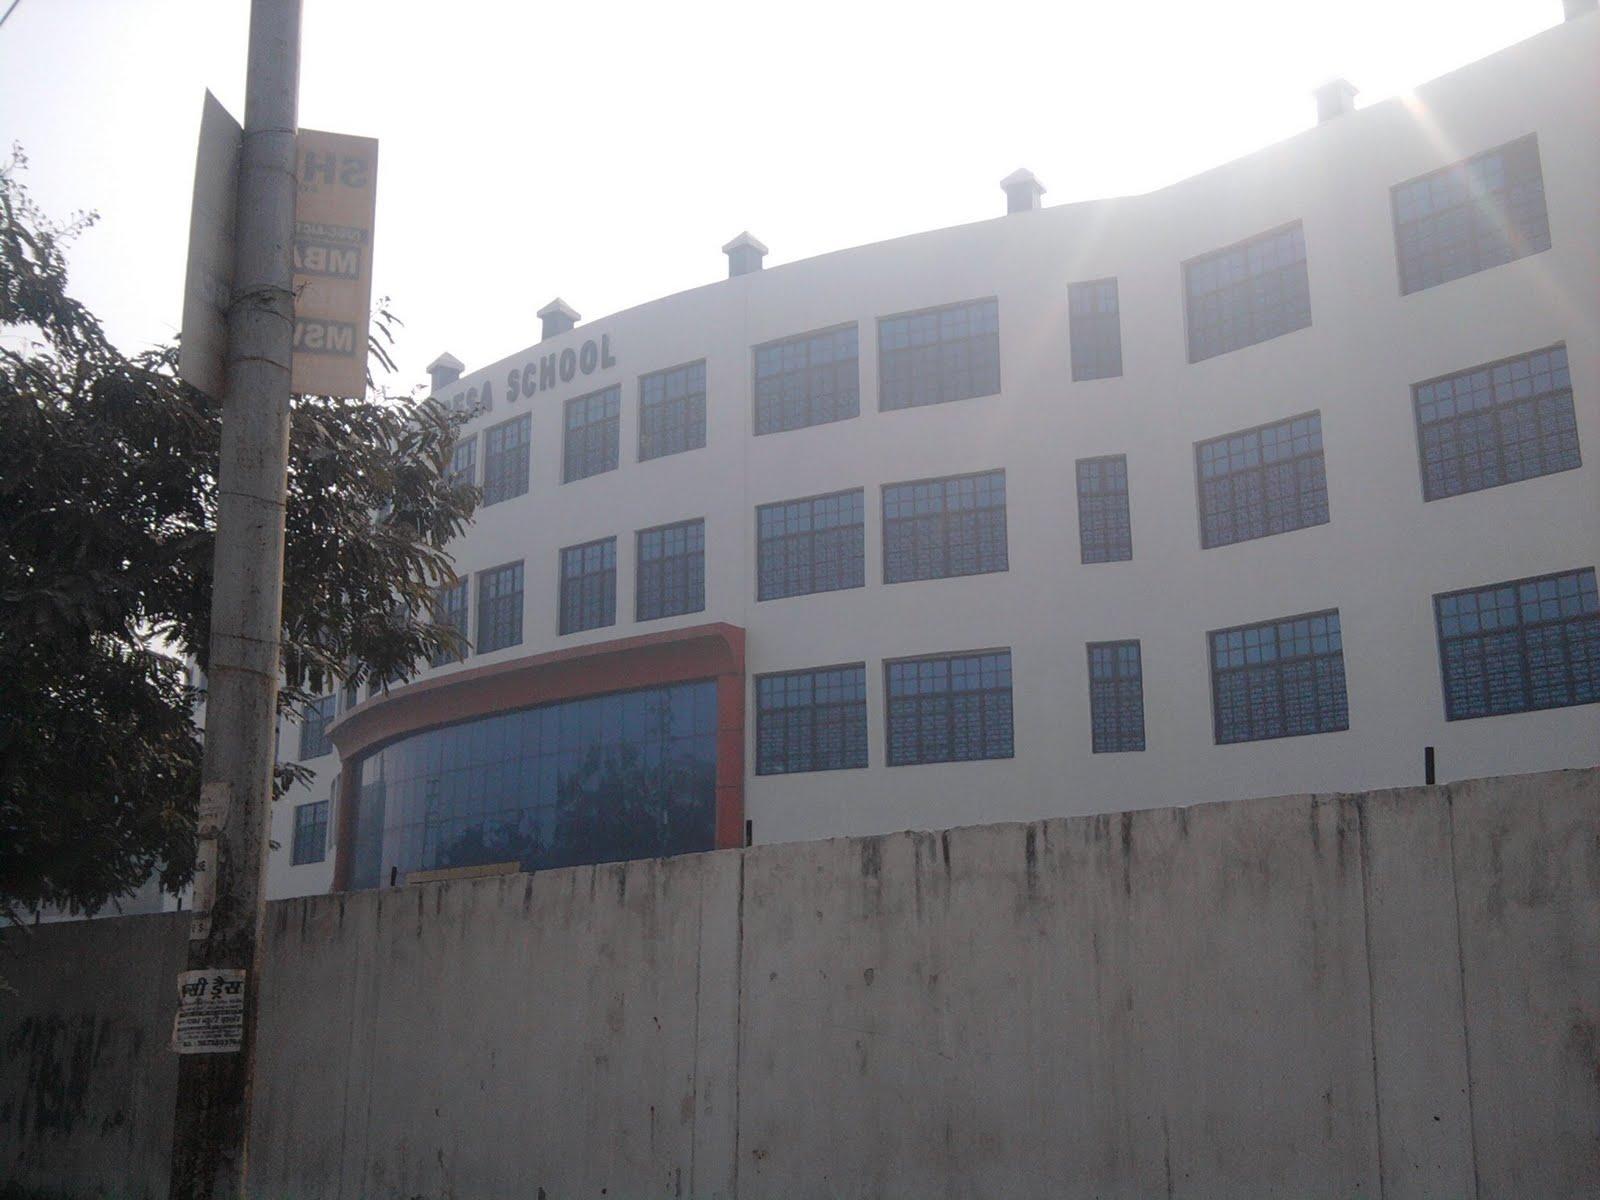 ST. TERESA SCHOOL INDIRAPURAM